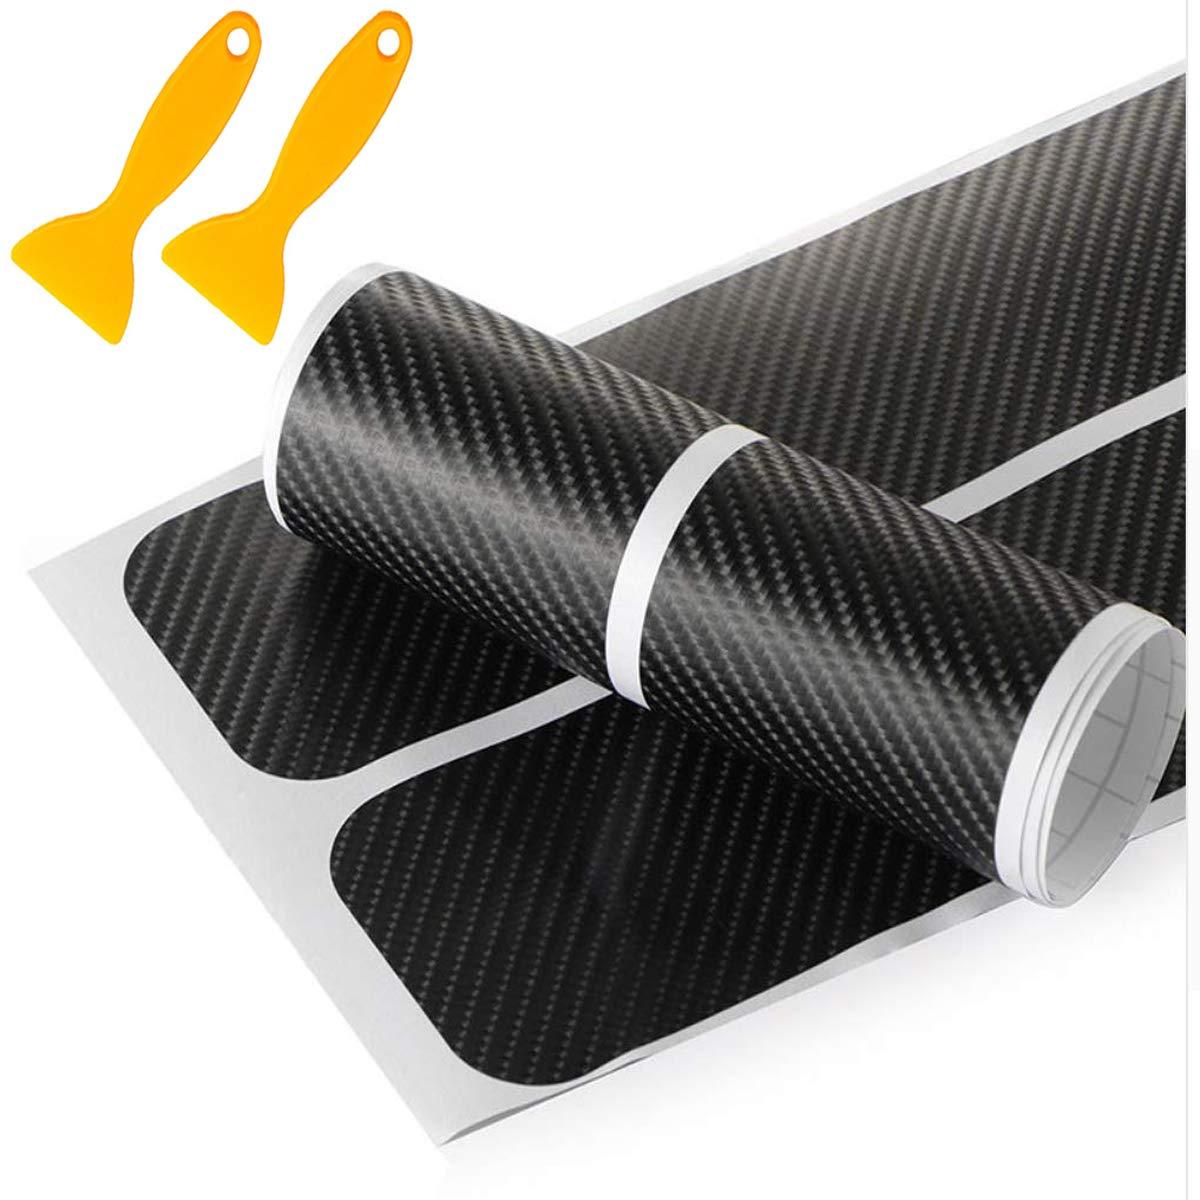 Mengger Autocollant de Seuil Porte Voiture 8 pi/èces Universel 3D Fibre Carbone P/édale en Scuff Scratch R/ésistant Autocollant Protection pour plaque Seuil Porte de Voiture